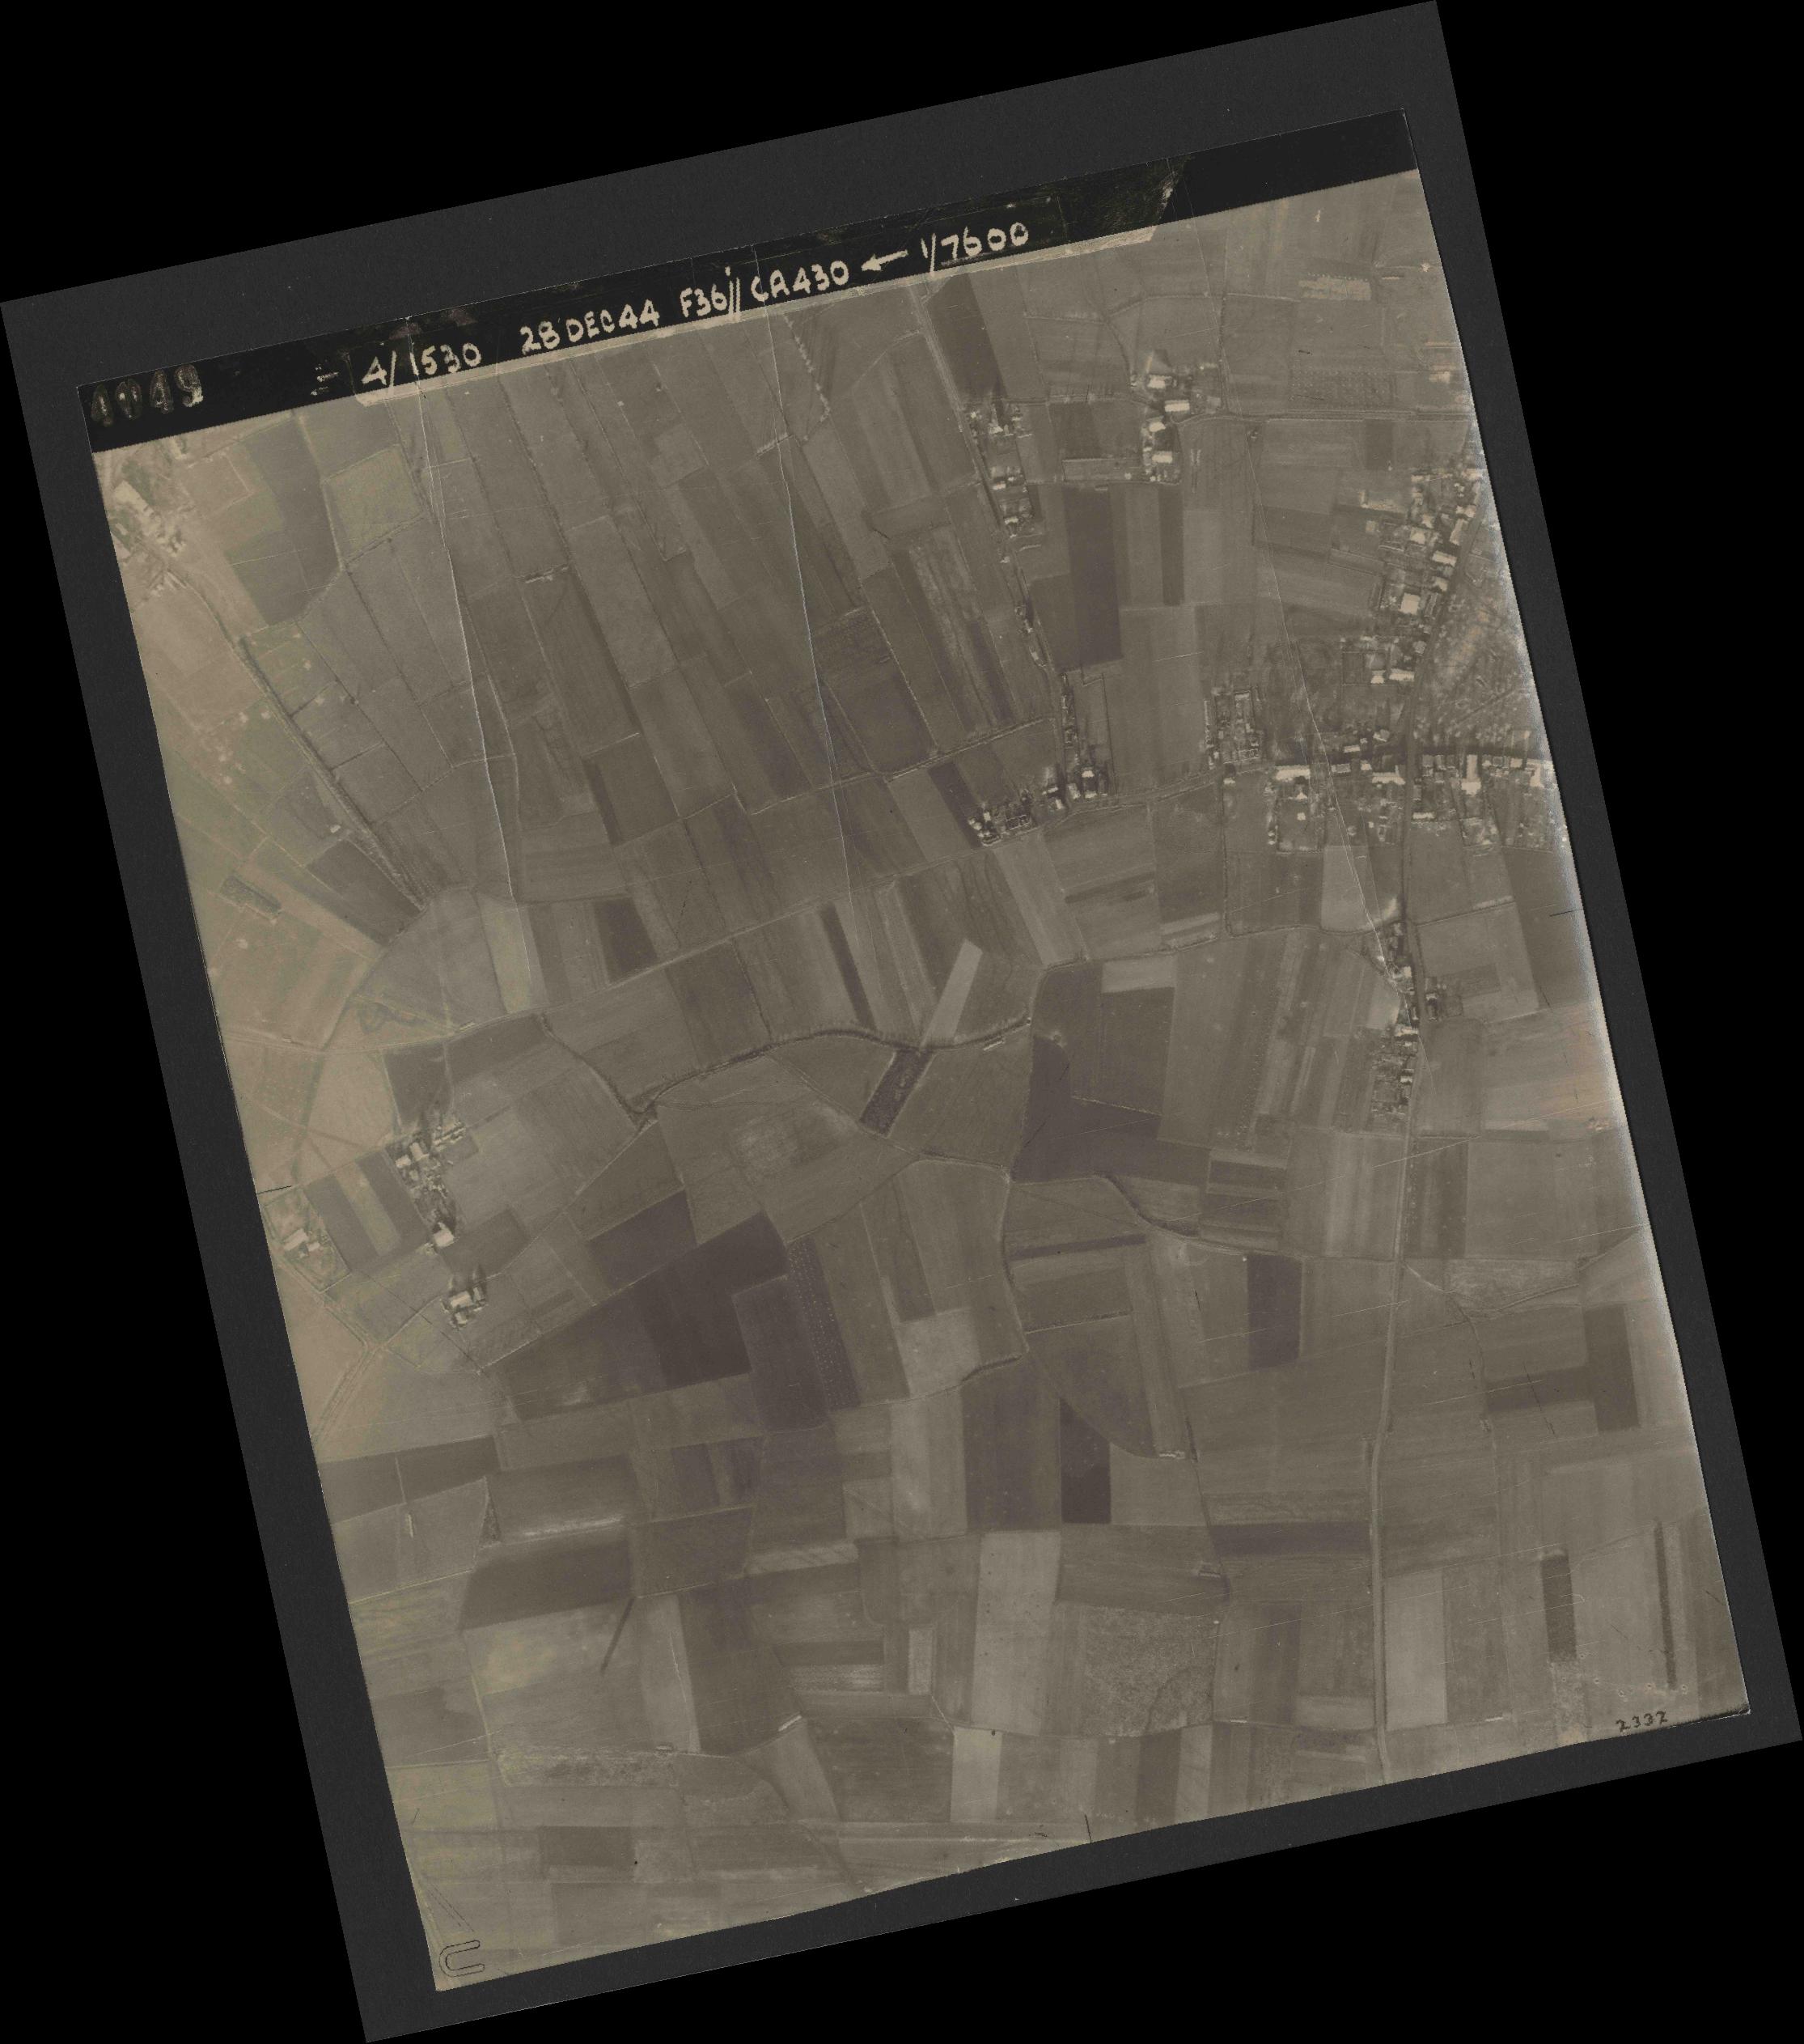 Collection RAF aerial photos 1940-1945 - flight 050, run 05, photo 4049